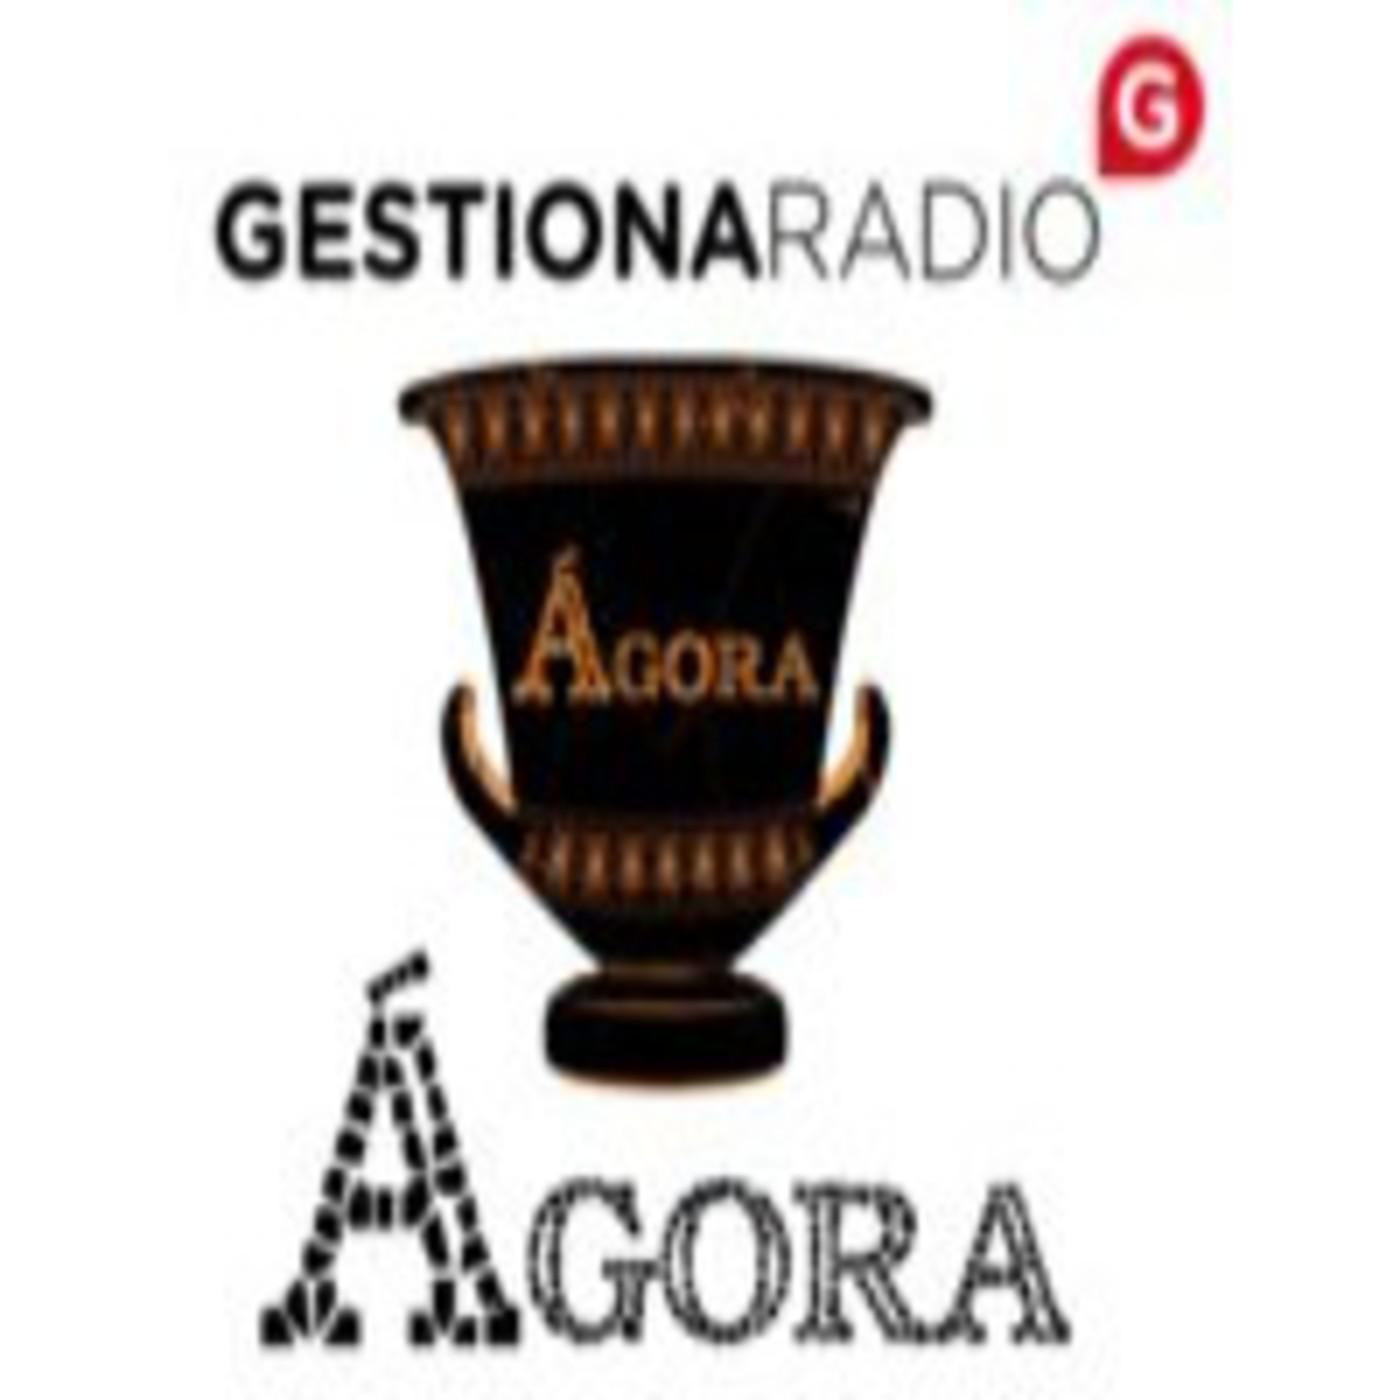 Ágora Historia 01x44 - Historia del grabado - Yacimientos neolíticos del barrio de